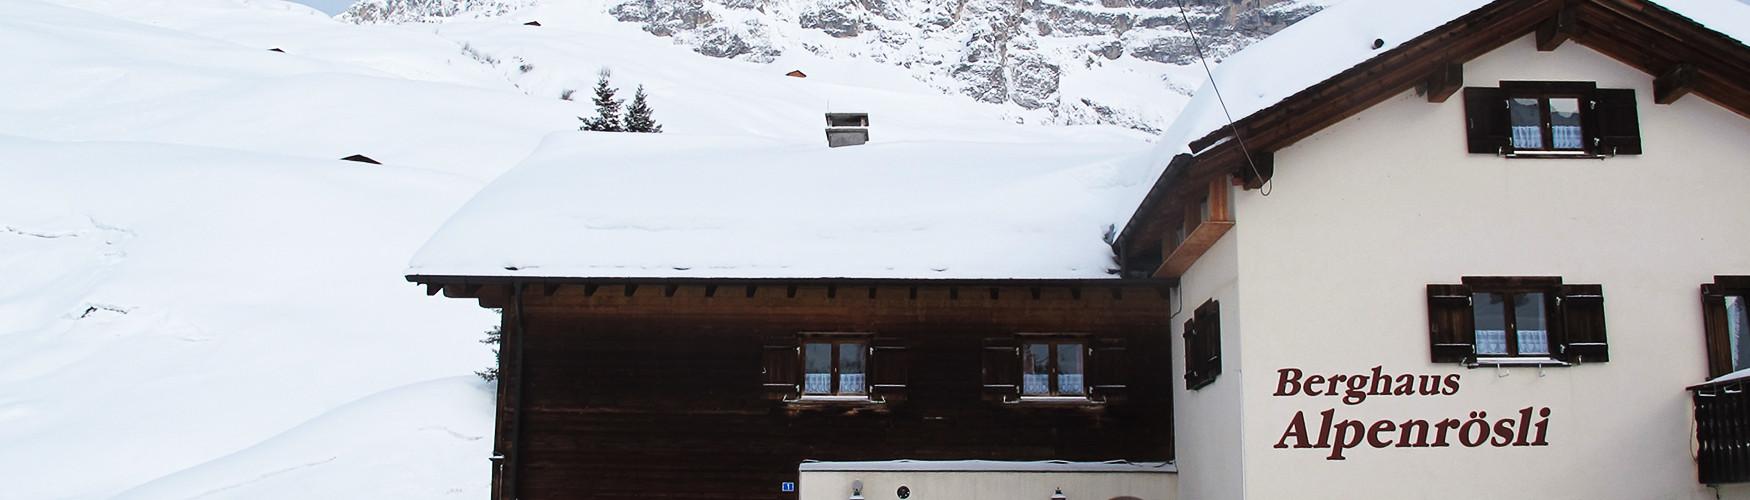 Skitour Stützpunkte, Freeride Schweiz